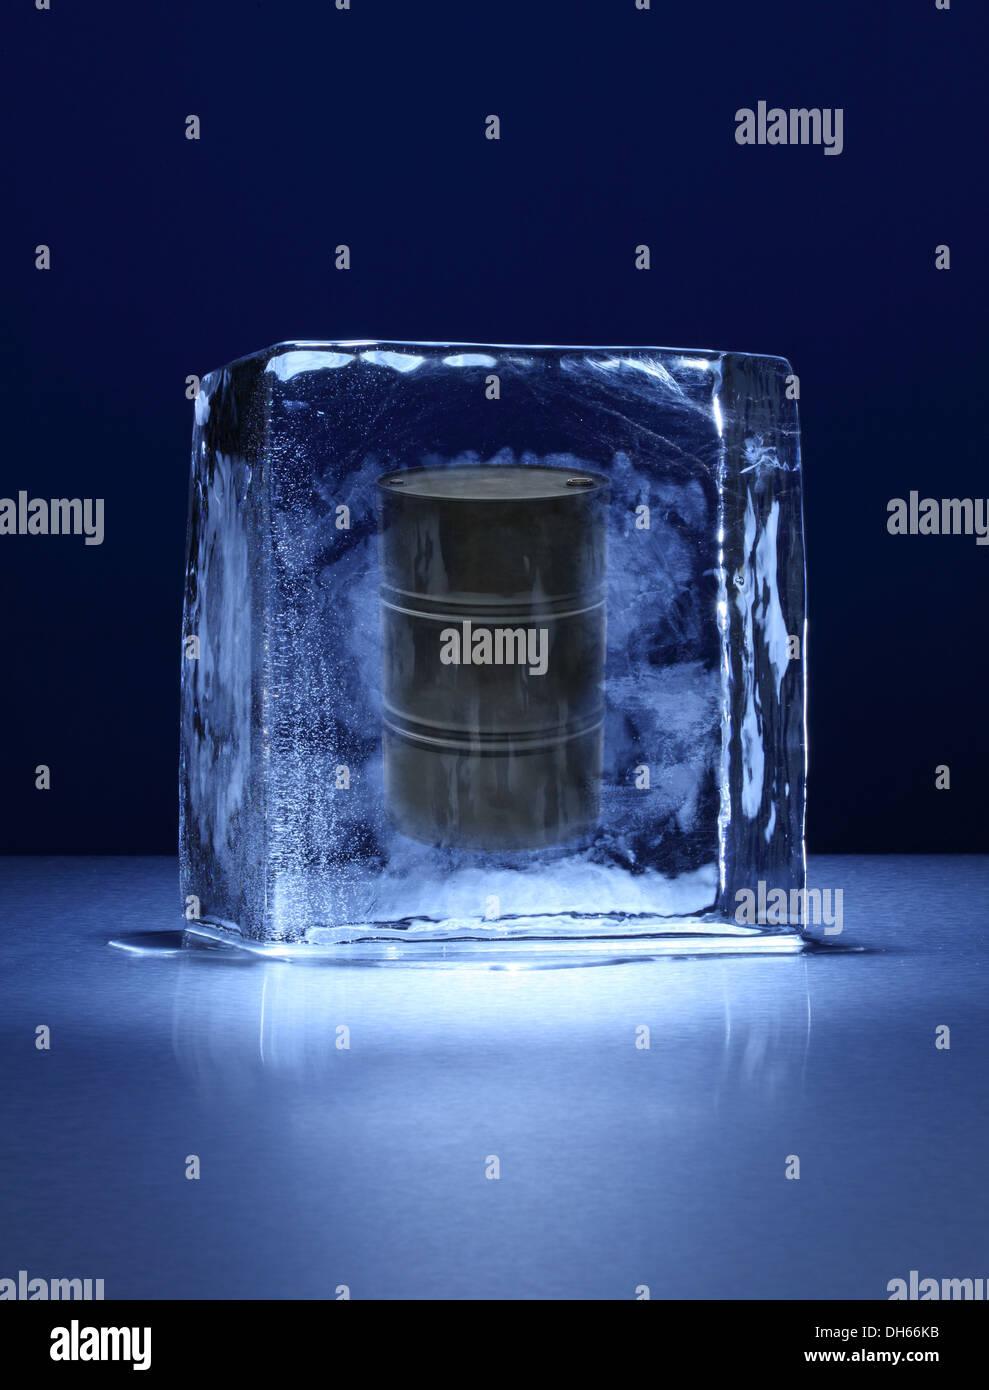 Un olio nero canna congelati in un chiaro blocco di ghiaccio Immagini Stock